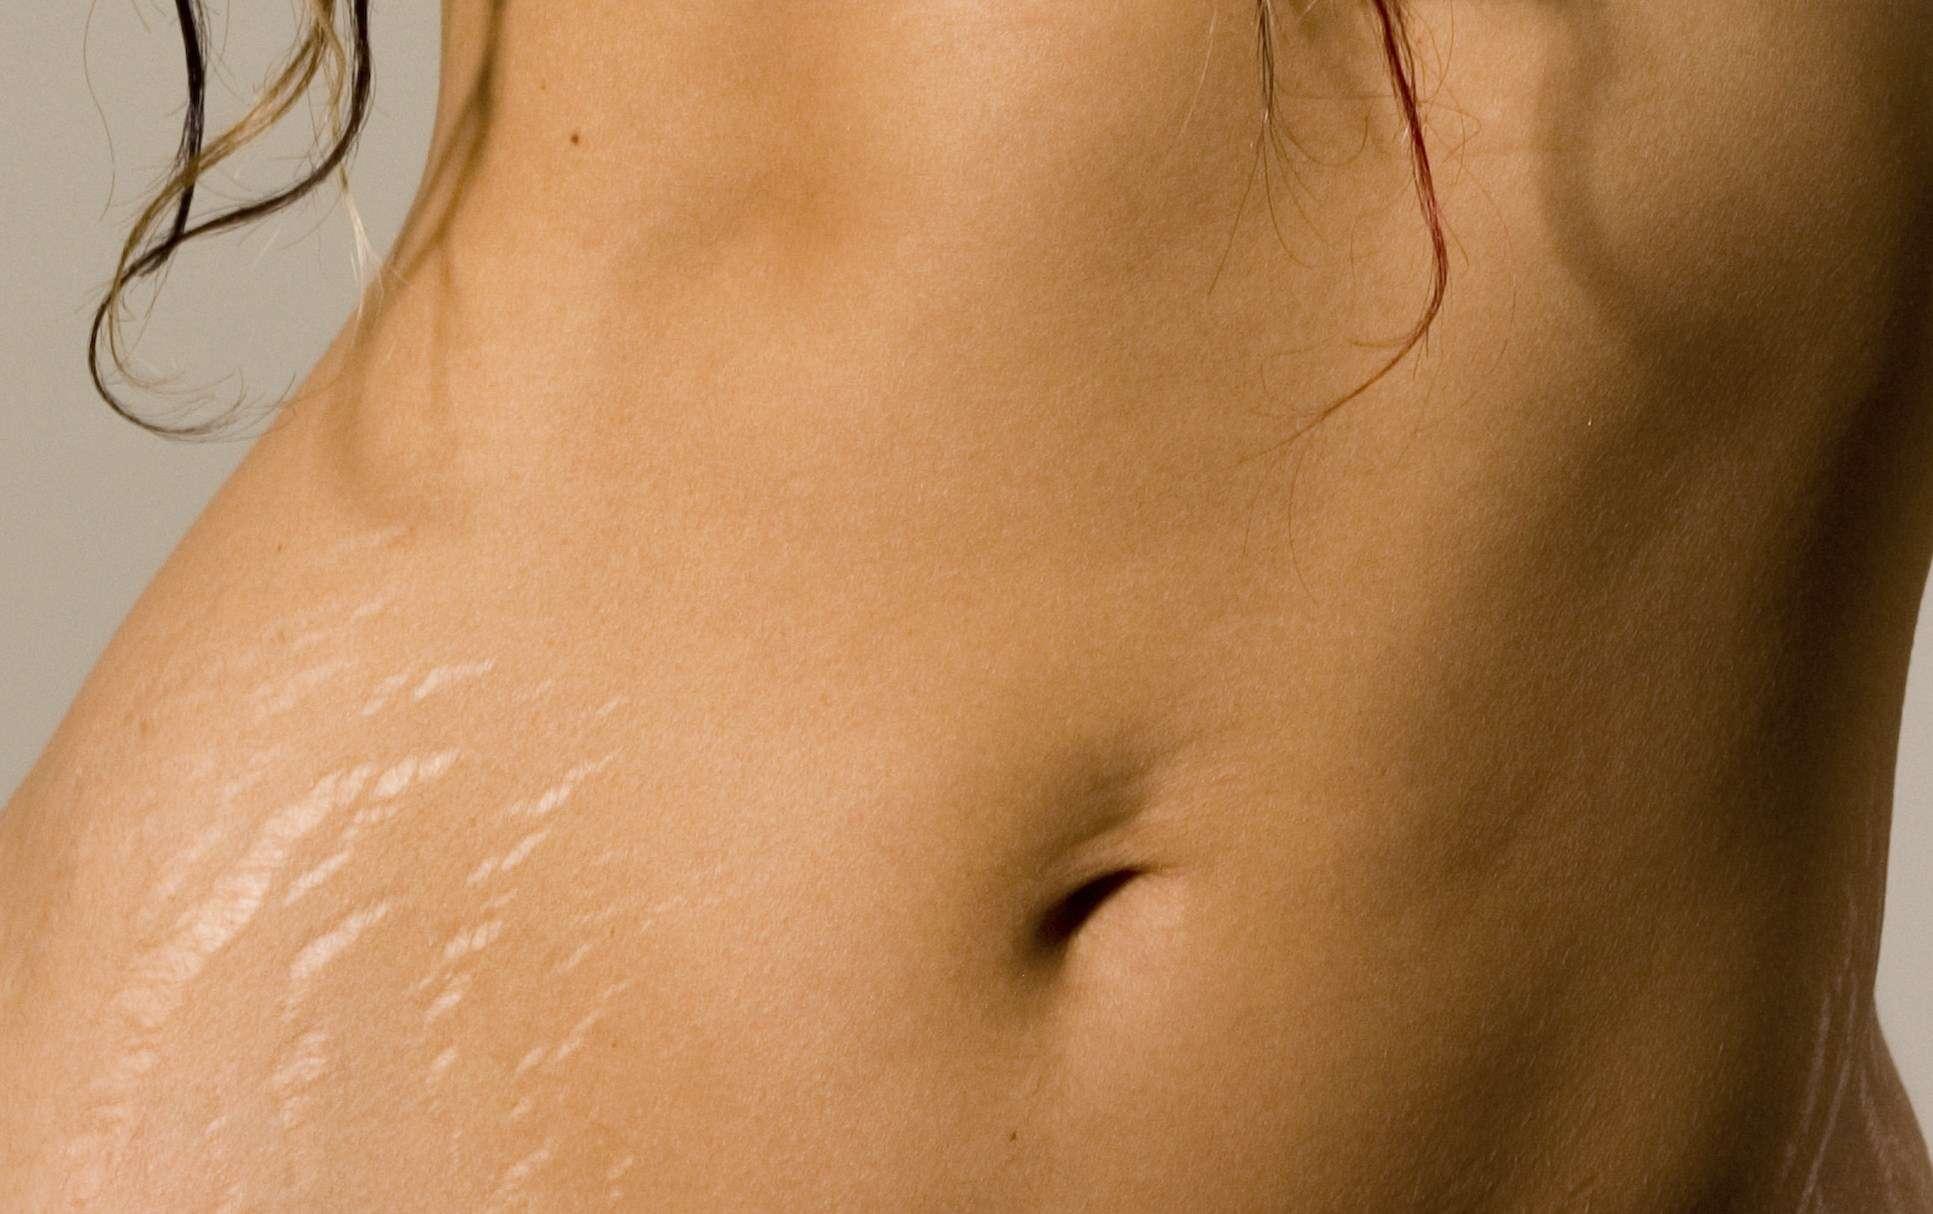 Sofre ou já sofreu com estrias na gravidez? Então chega mais